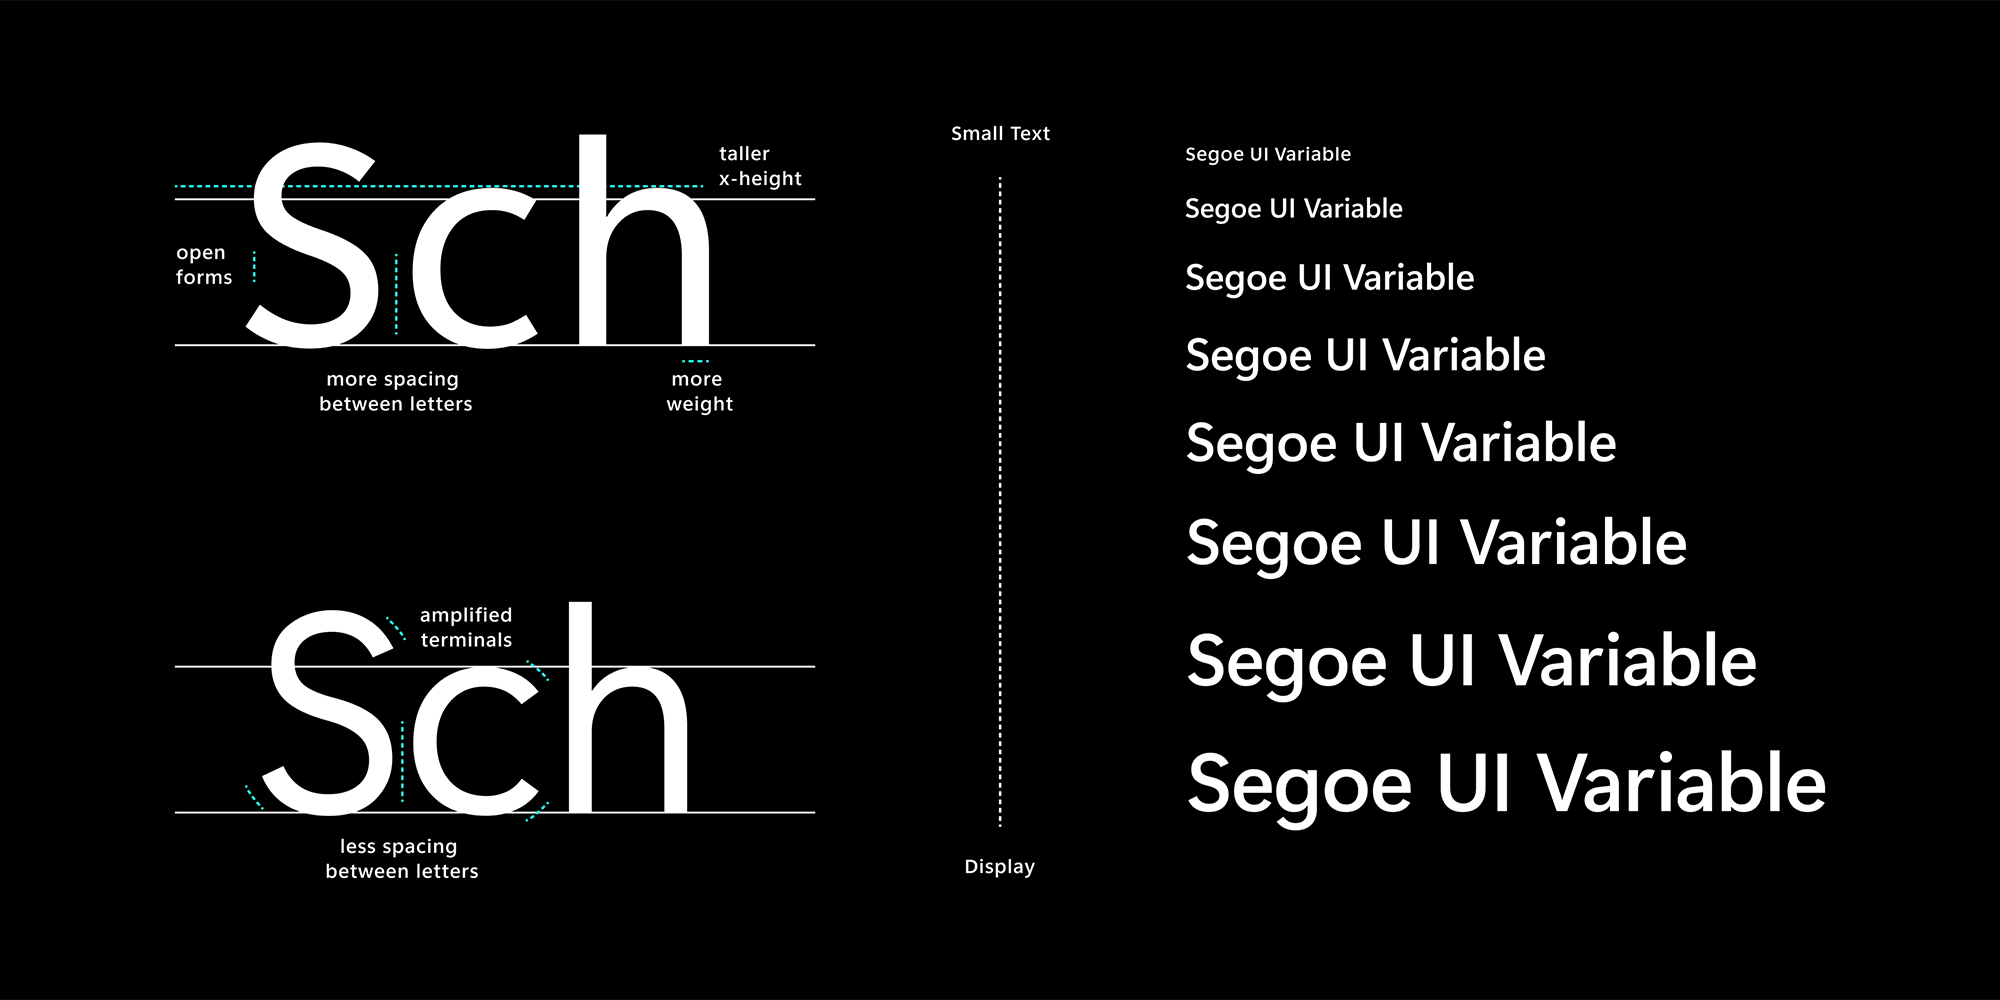 Fuente Segoe UI Variable